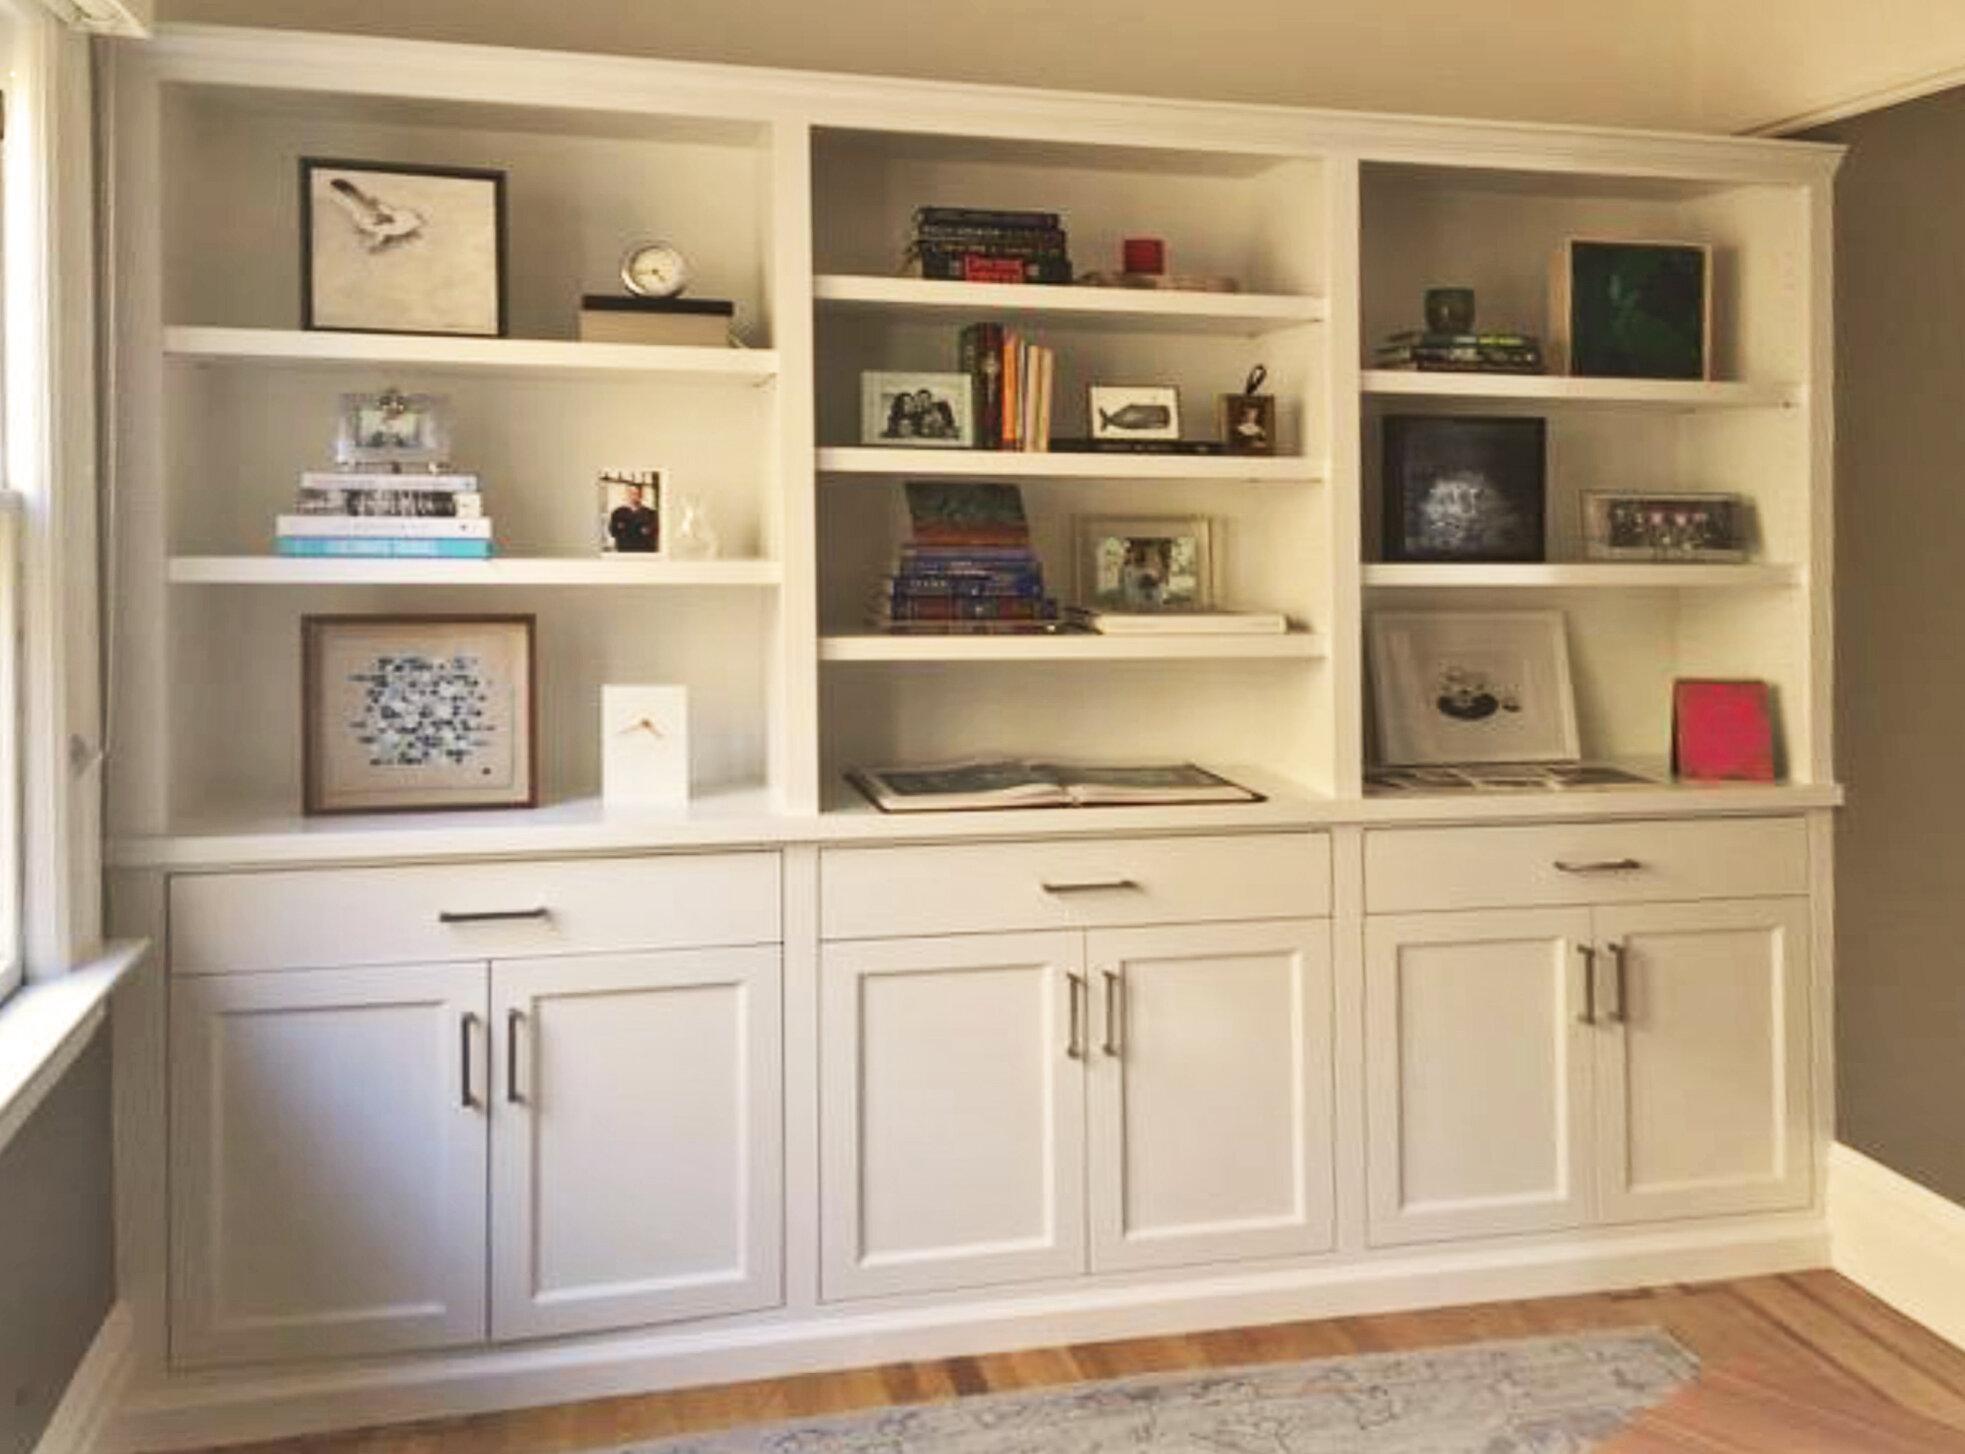 Built In Bookshelves Custom Cabinets Built In Bookshelves Shelving Designs Sj Sallinger